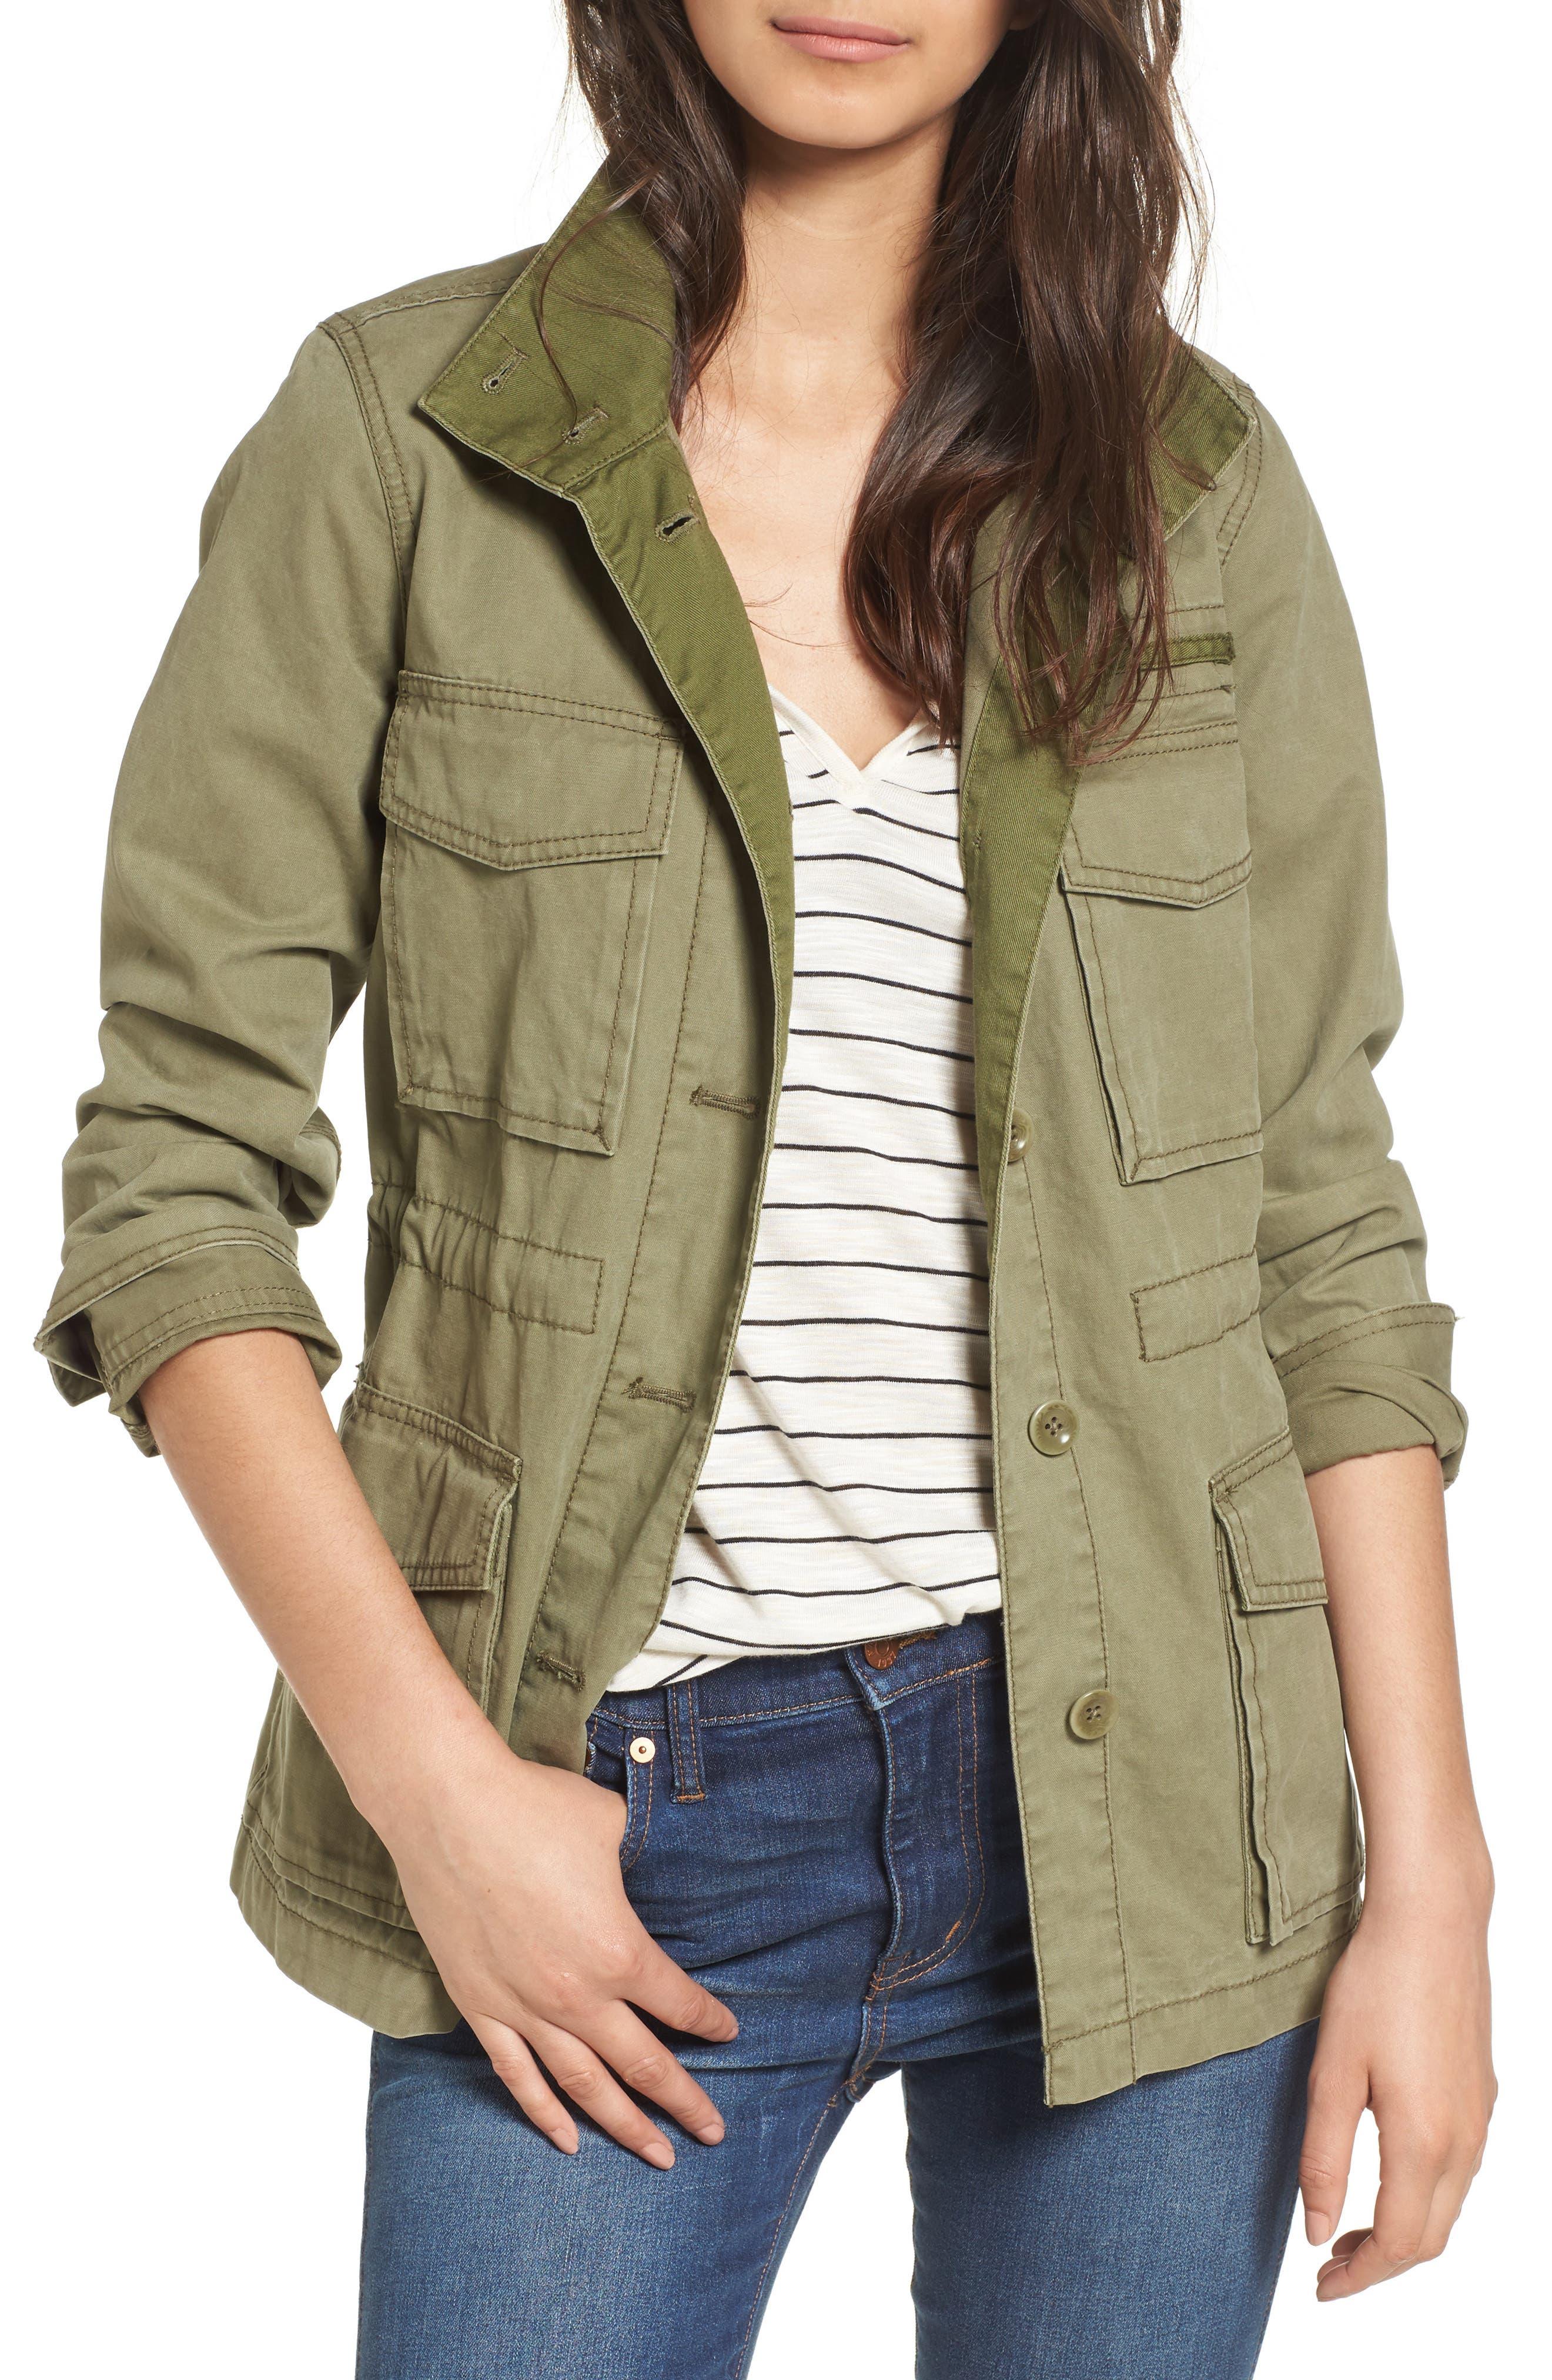 Alternate Image 1 Selected - Madewell Catskills Jacket